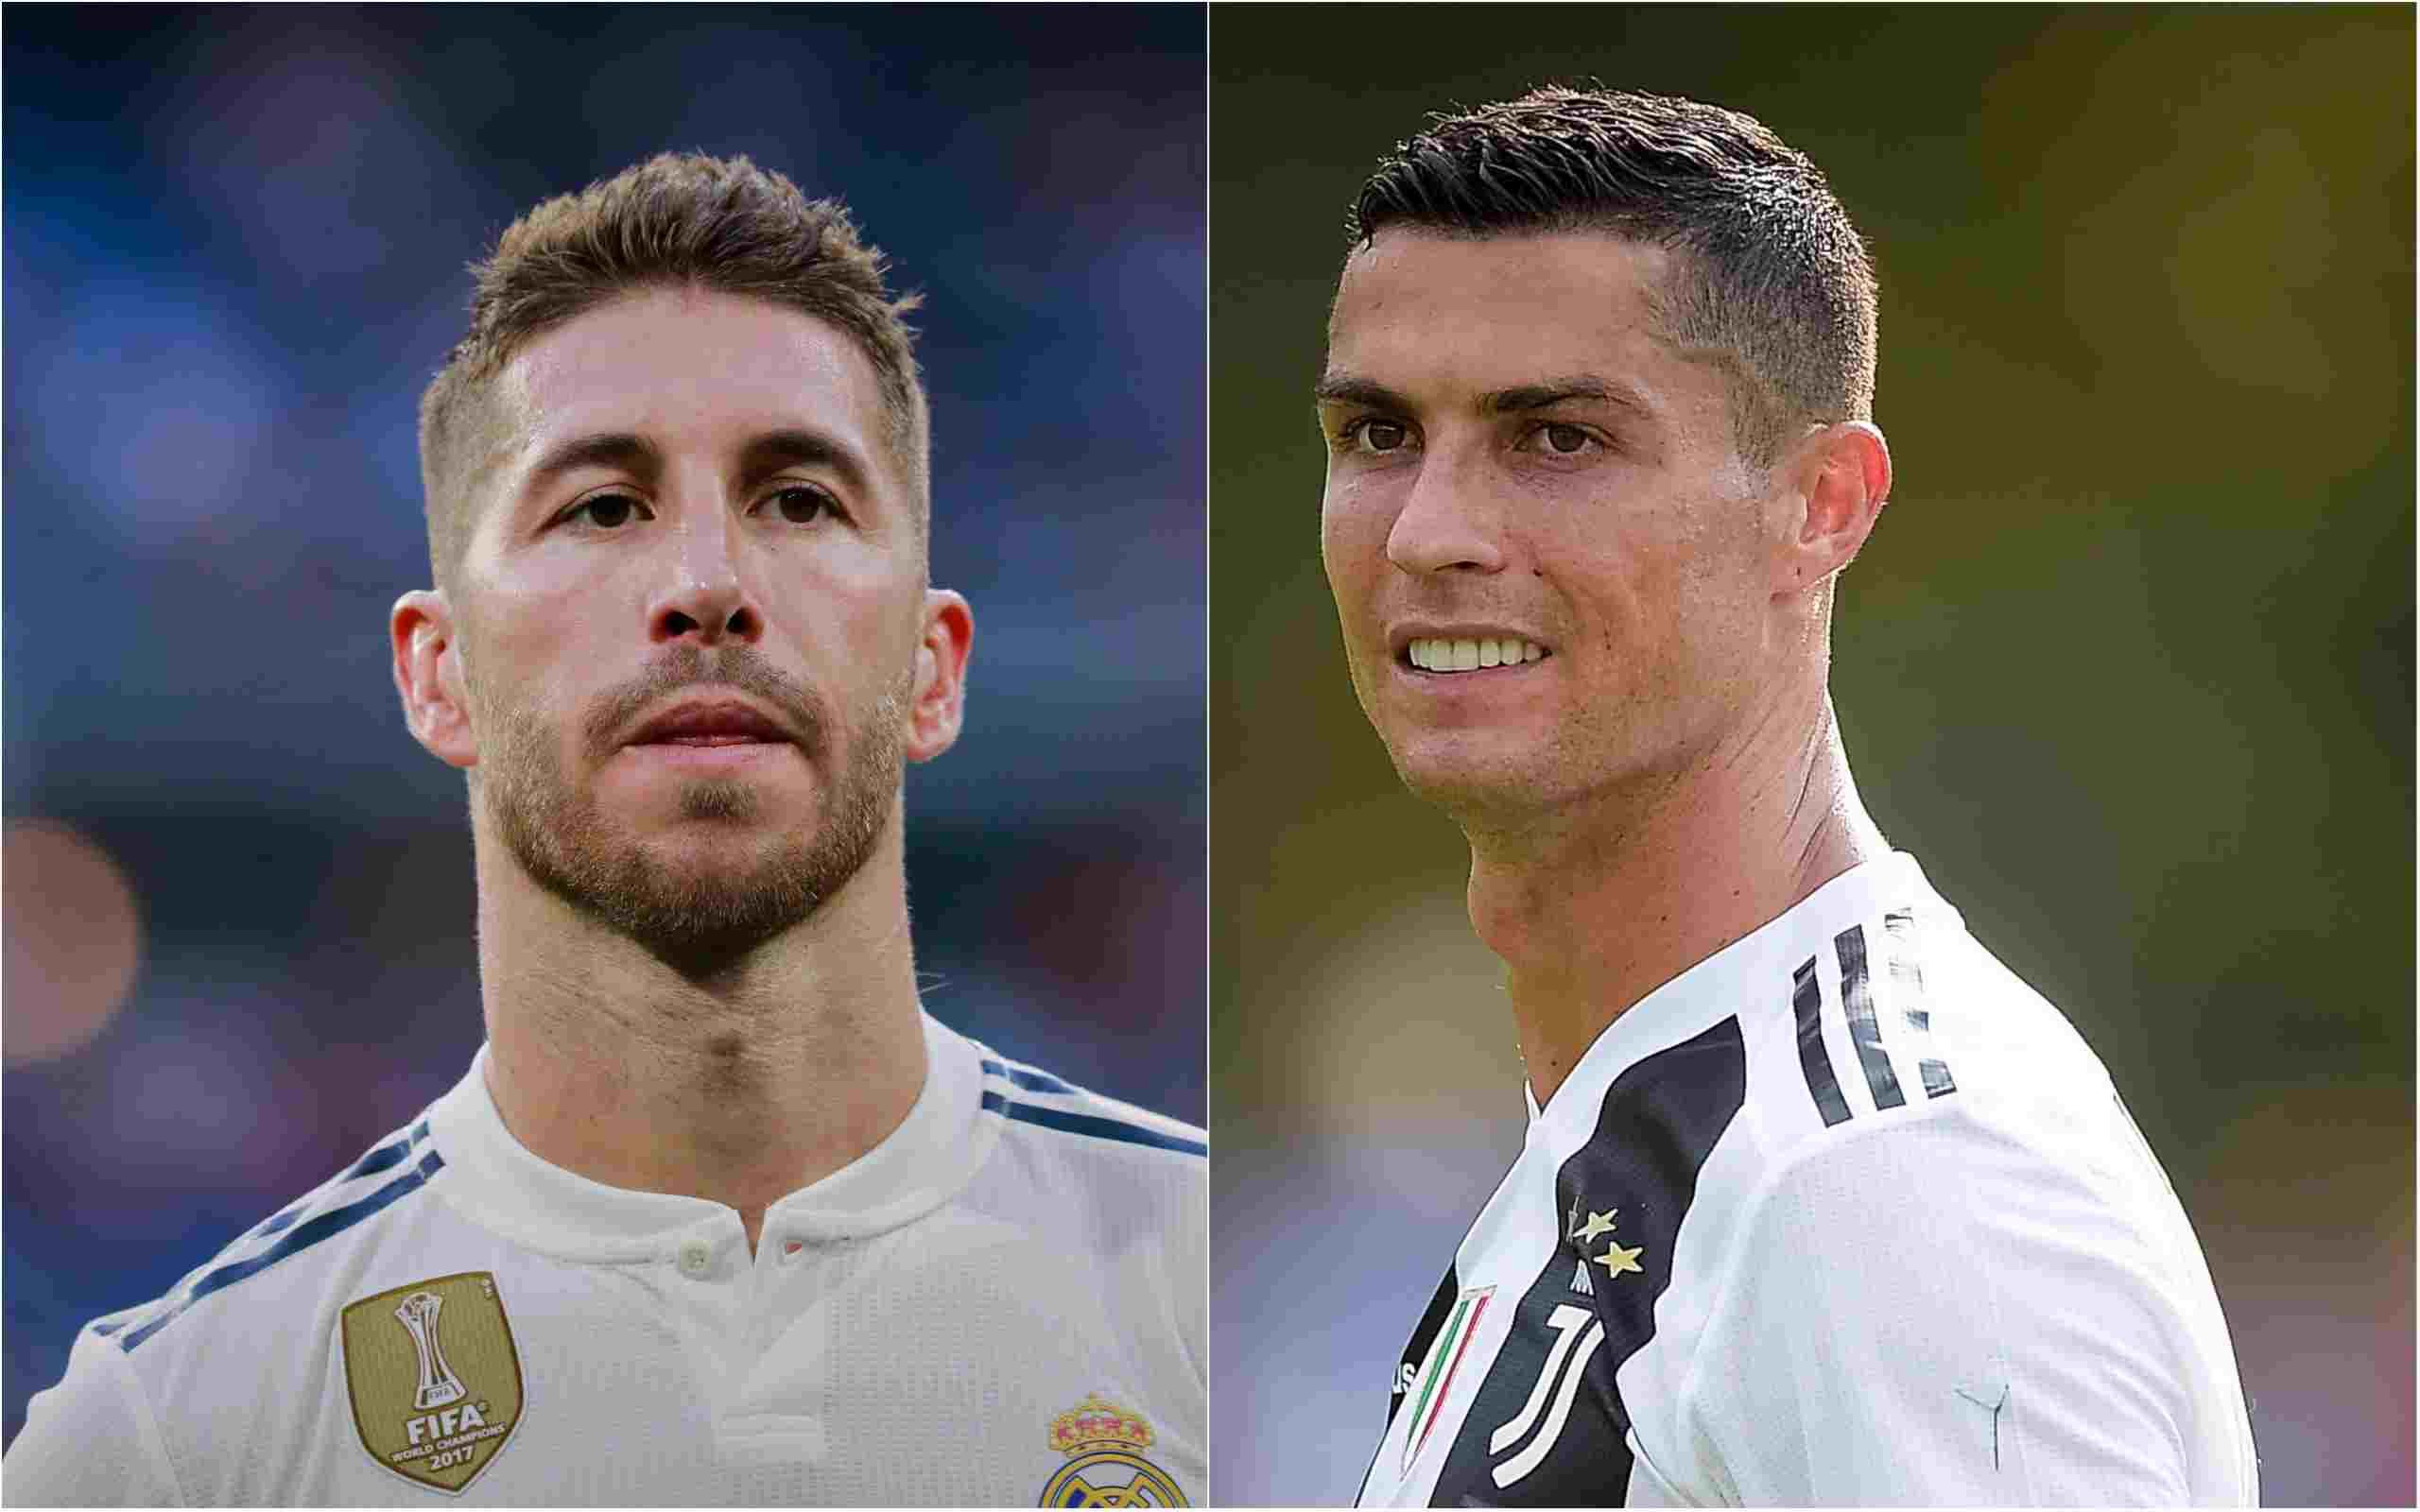 Ronaldo and Sergio Ramos